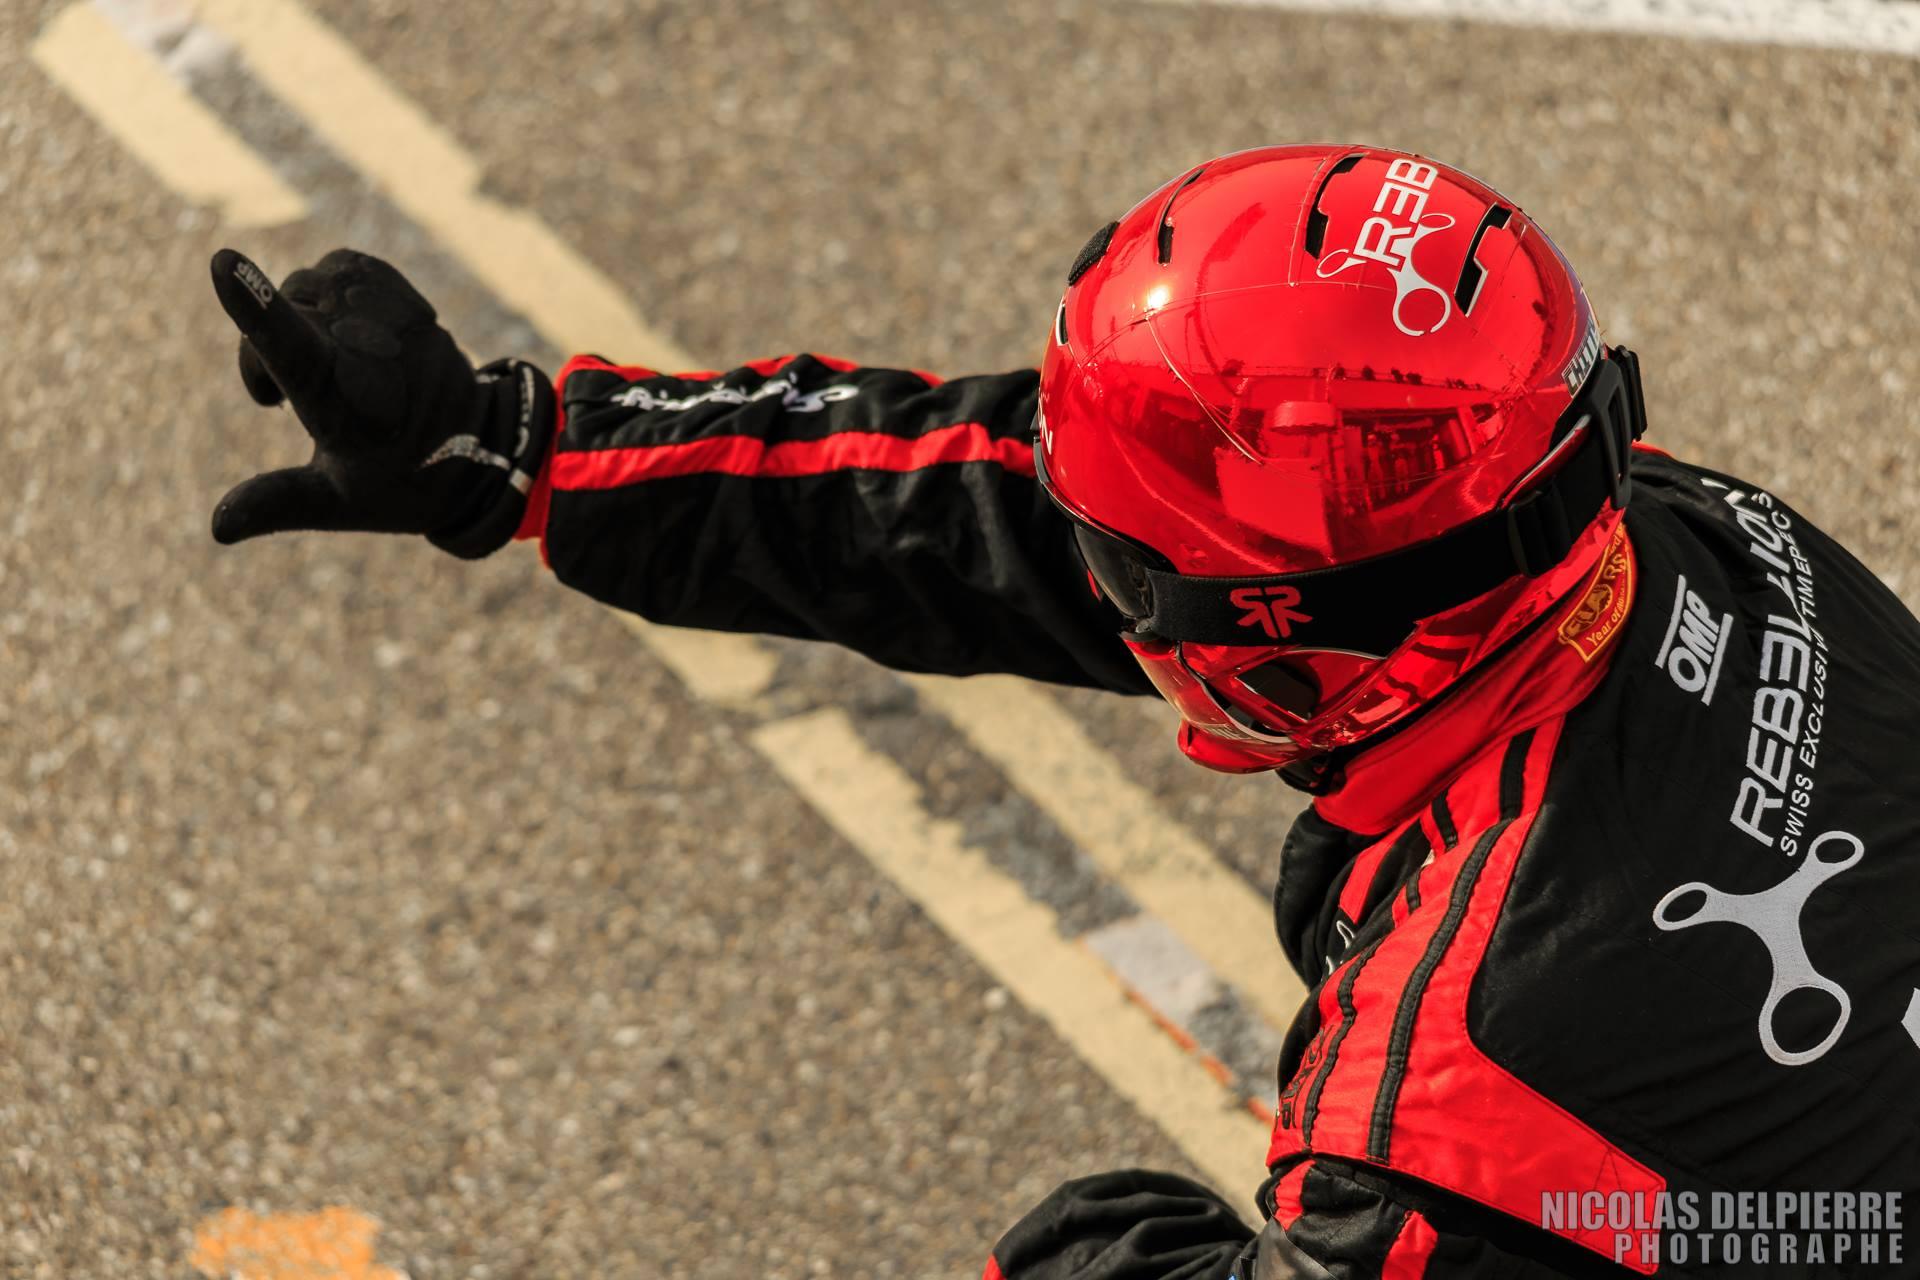 FIA WEC Prologue 2016 - Nicolas Delpierre